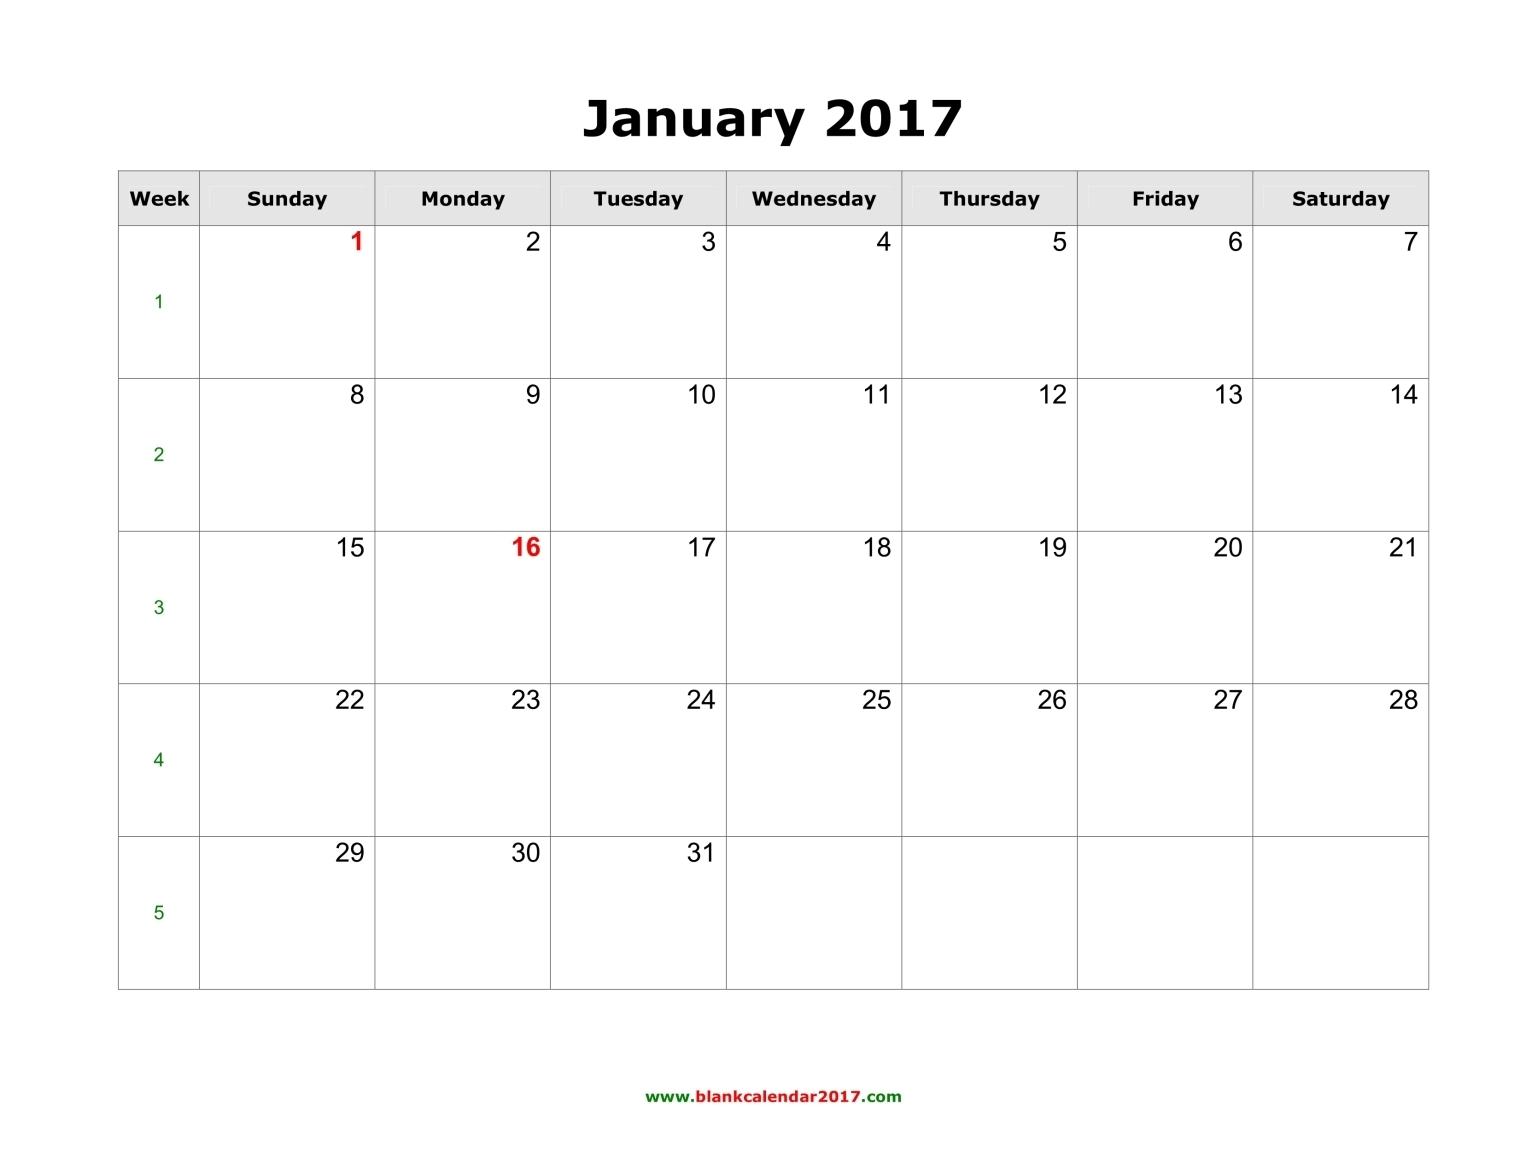 Blank Calendar for January 2017